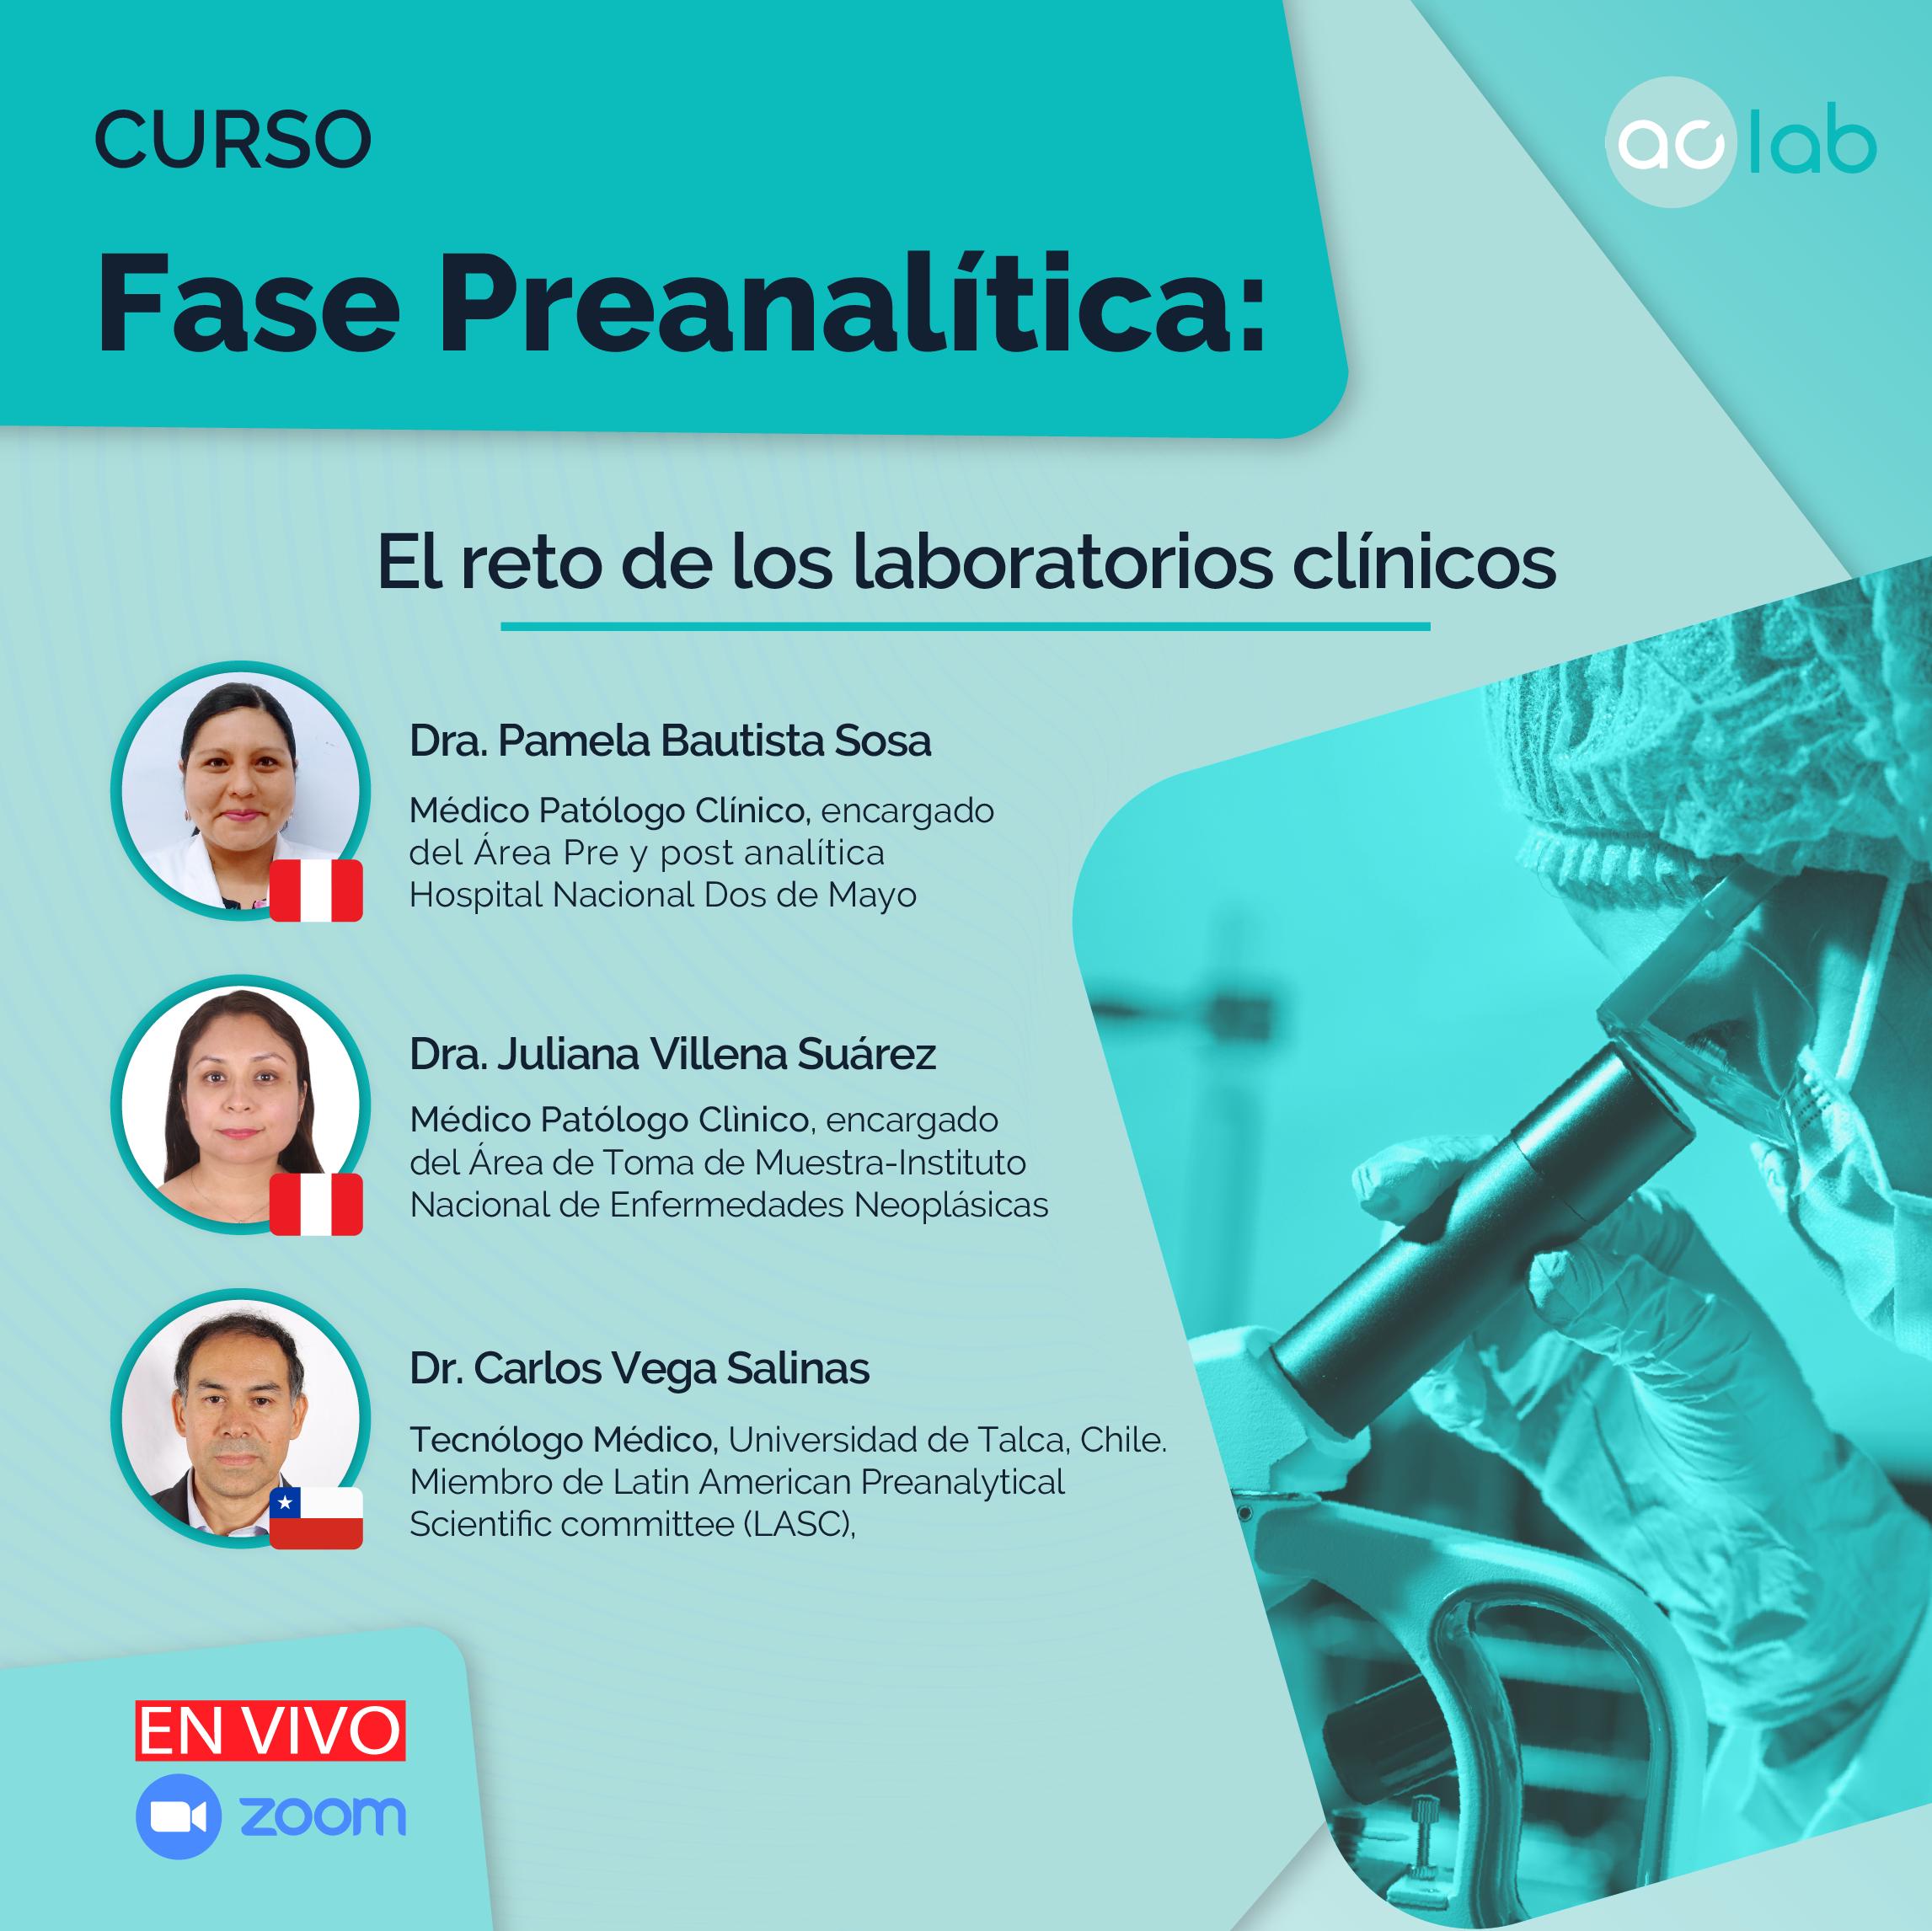 FASE PREANALITICA:  El reto continuo de los laboratorios clinicos